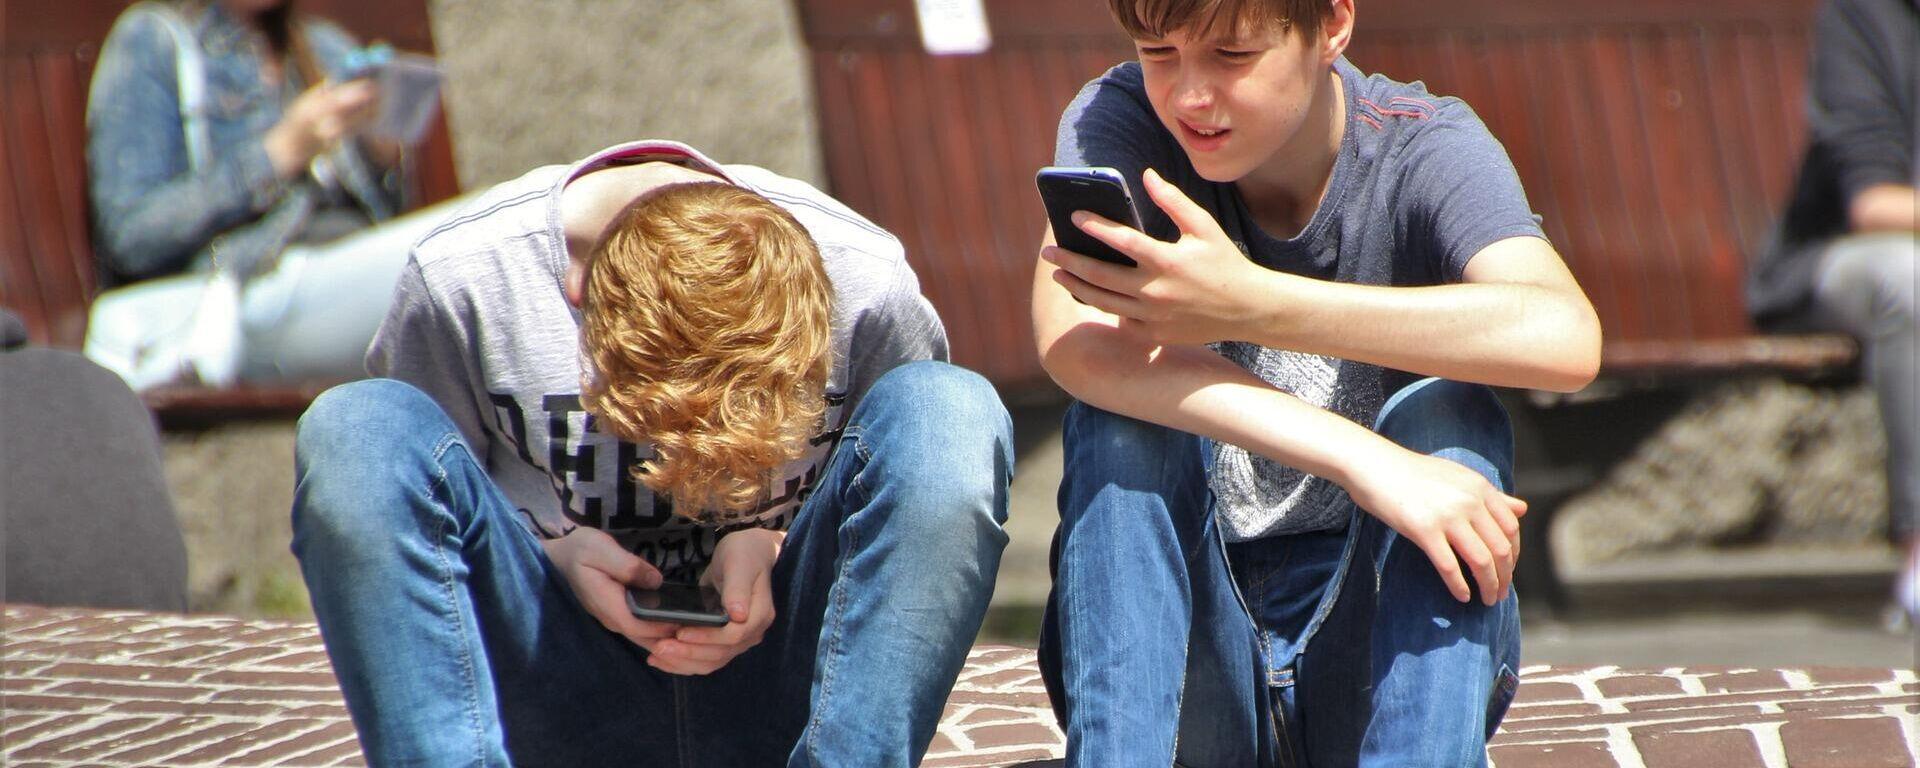 Jungen mit Handys (Symbolbild) - SNA, 1920, 06.08.2021